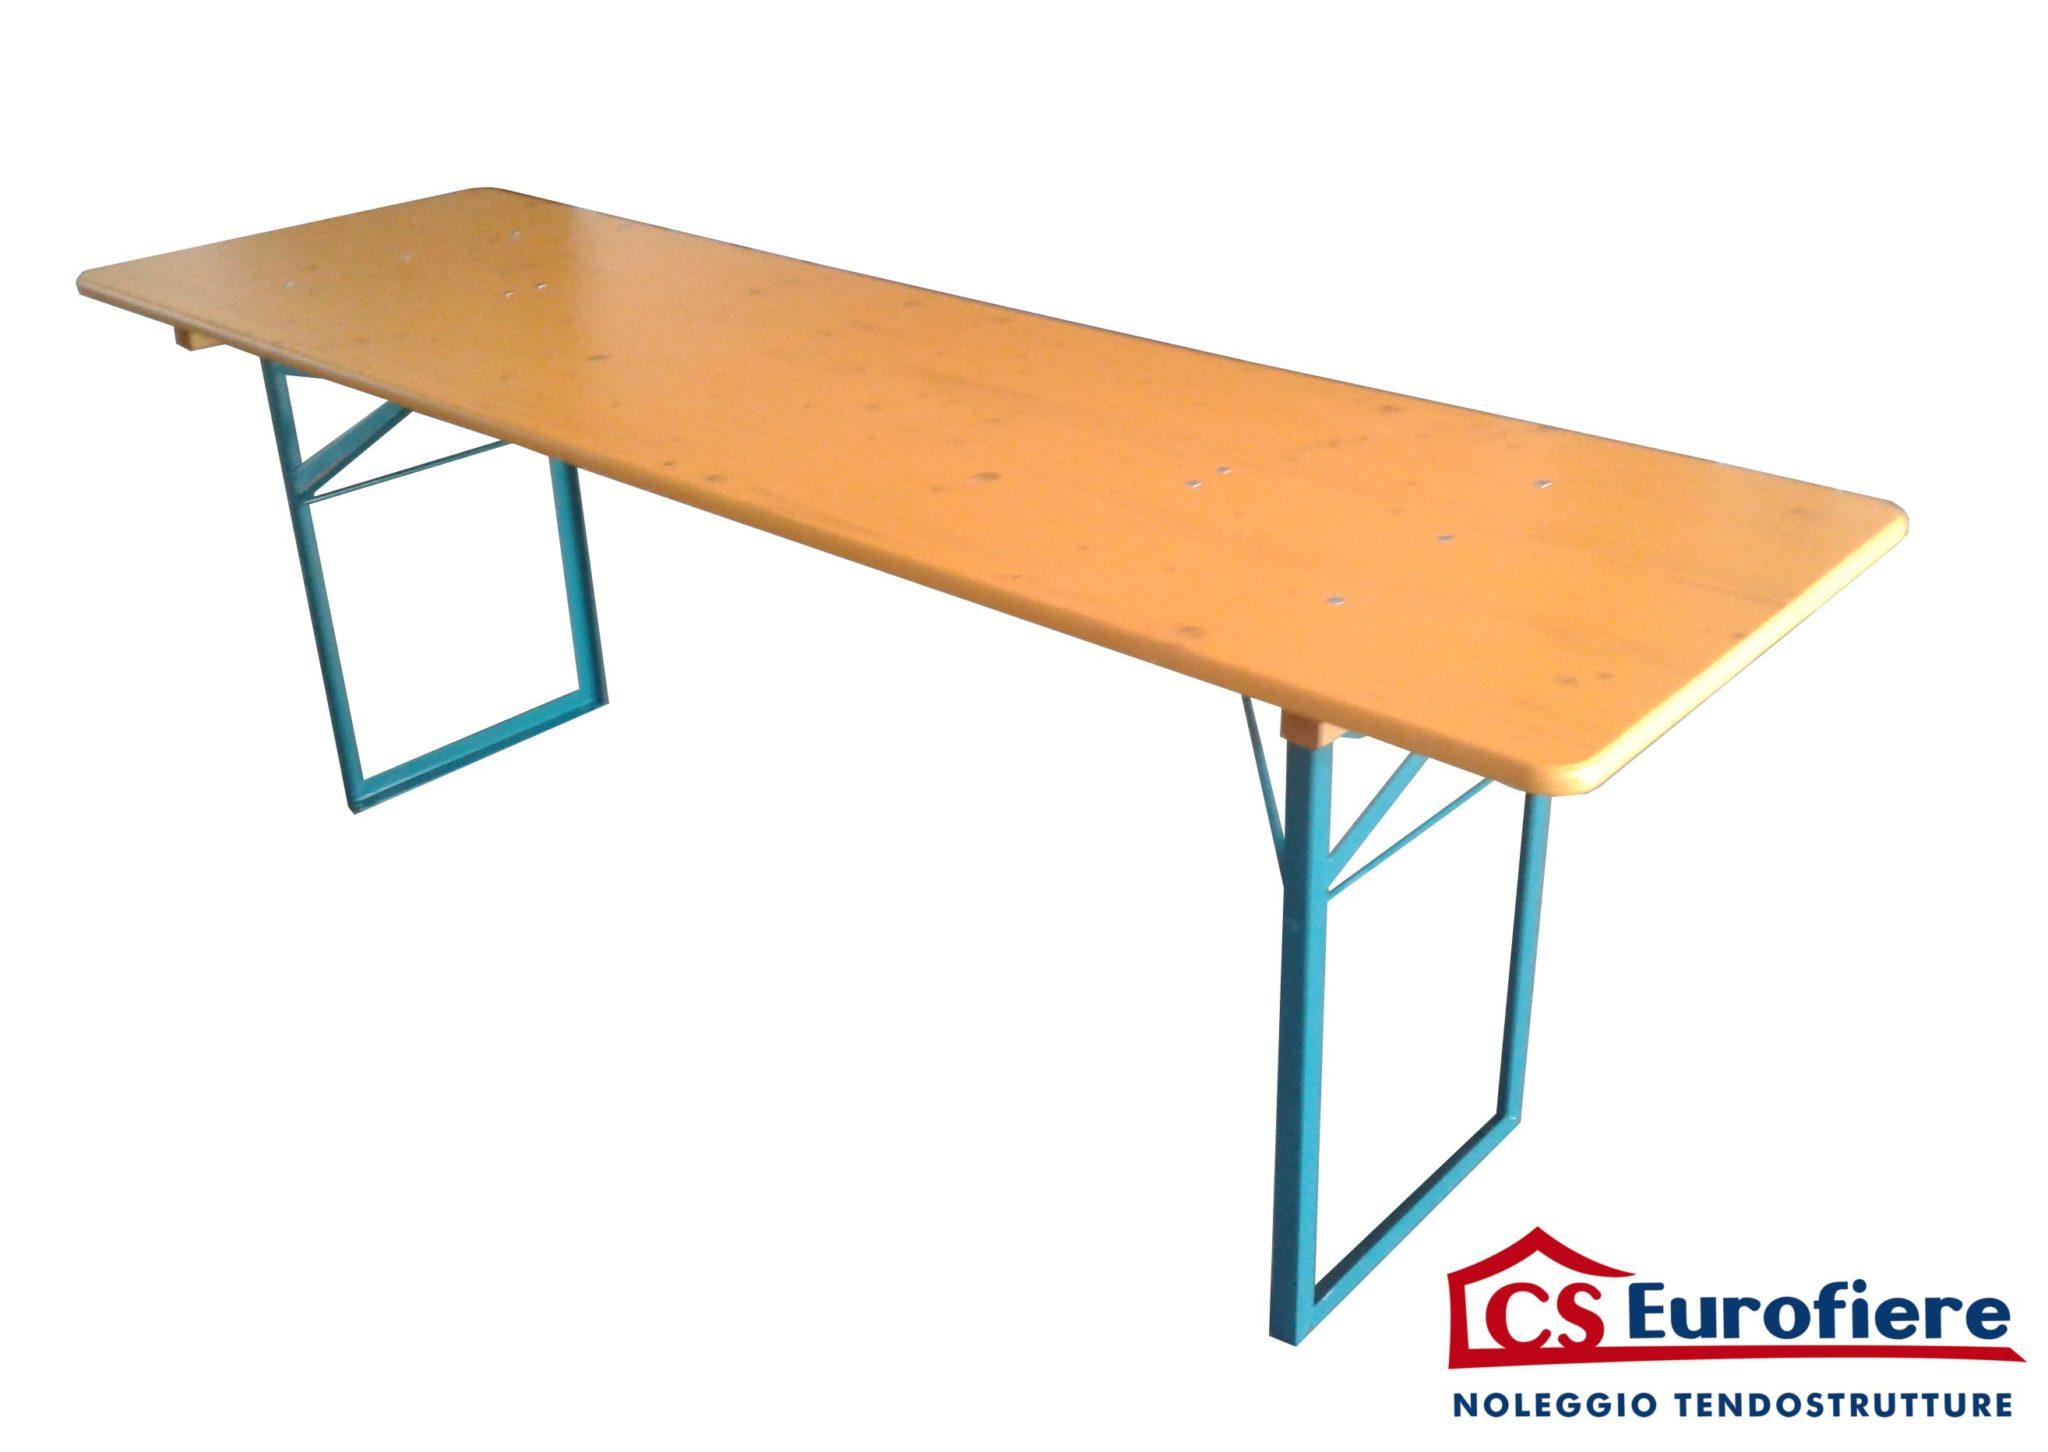 Tavolo Modello Birreria C S Eurofiere